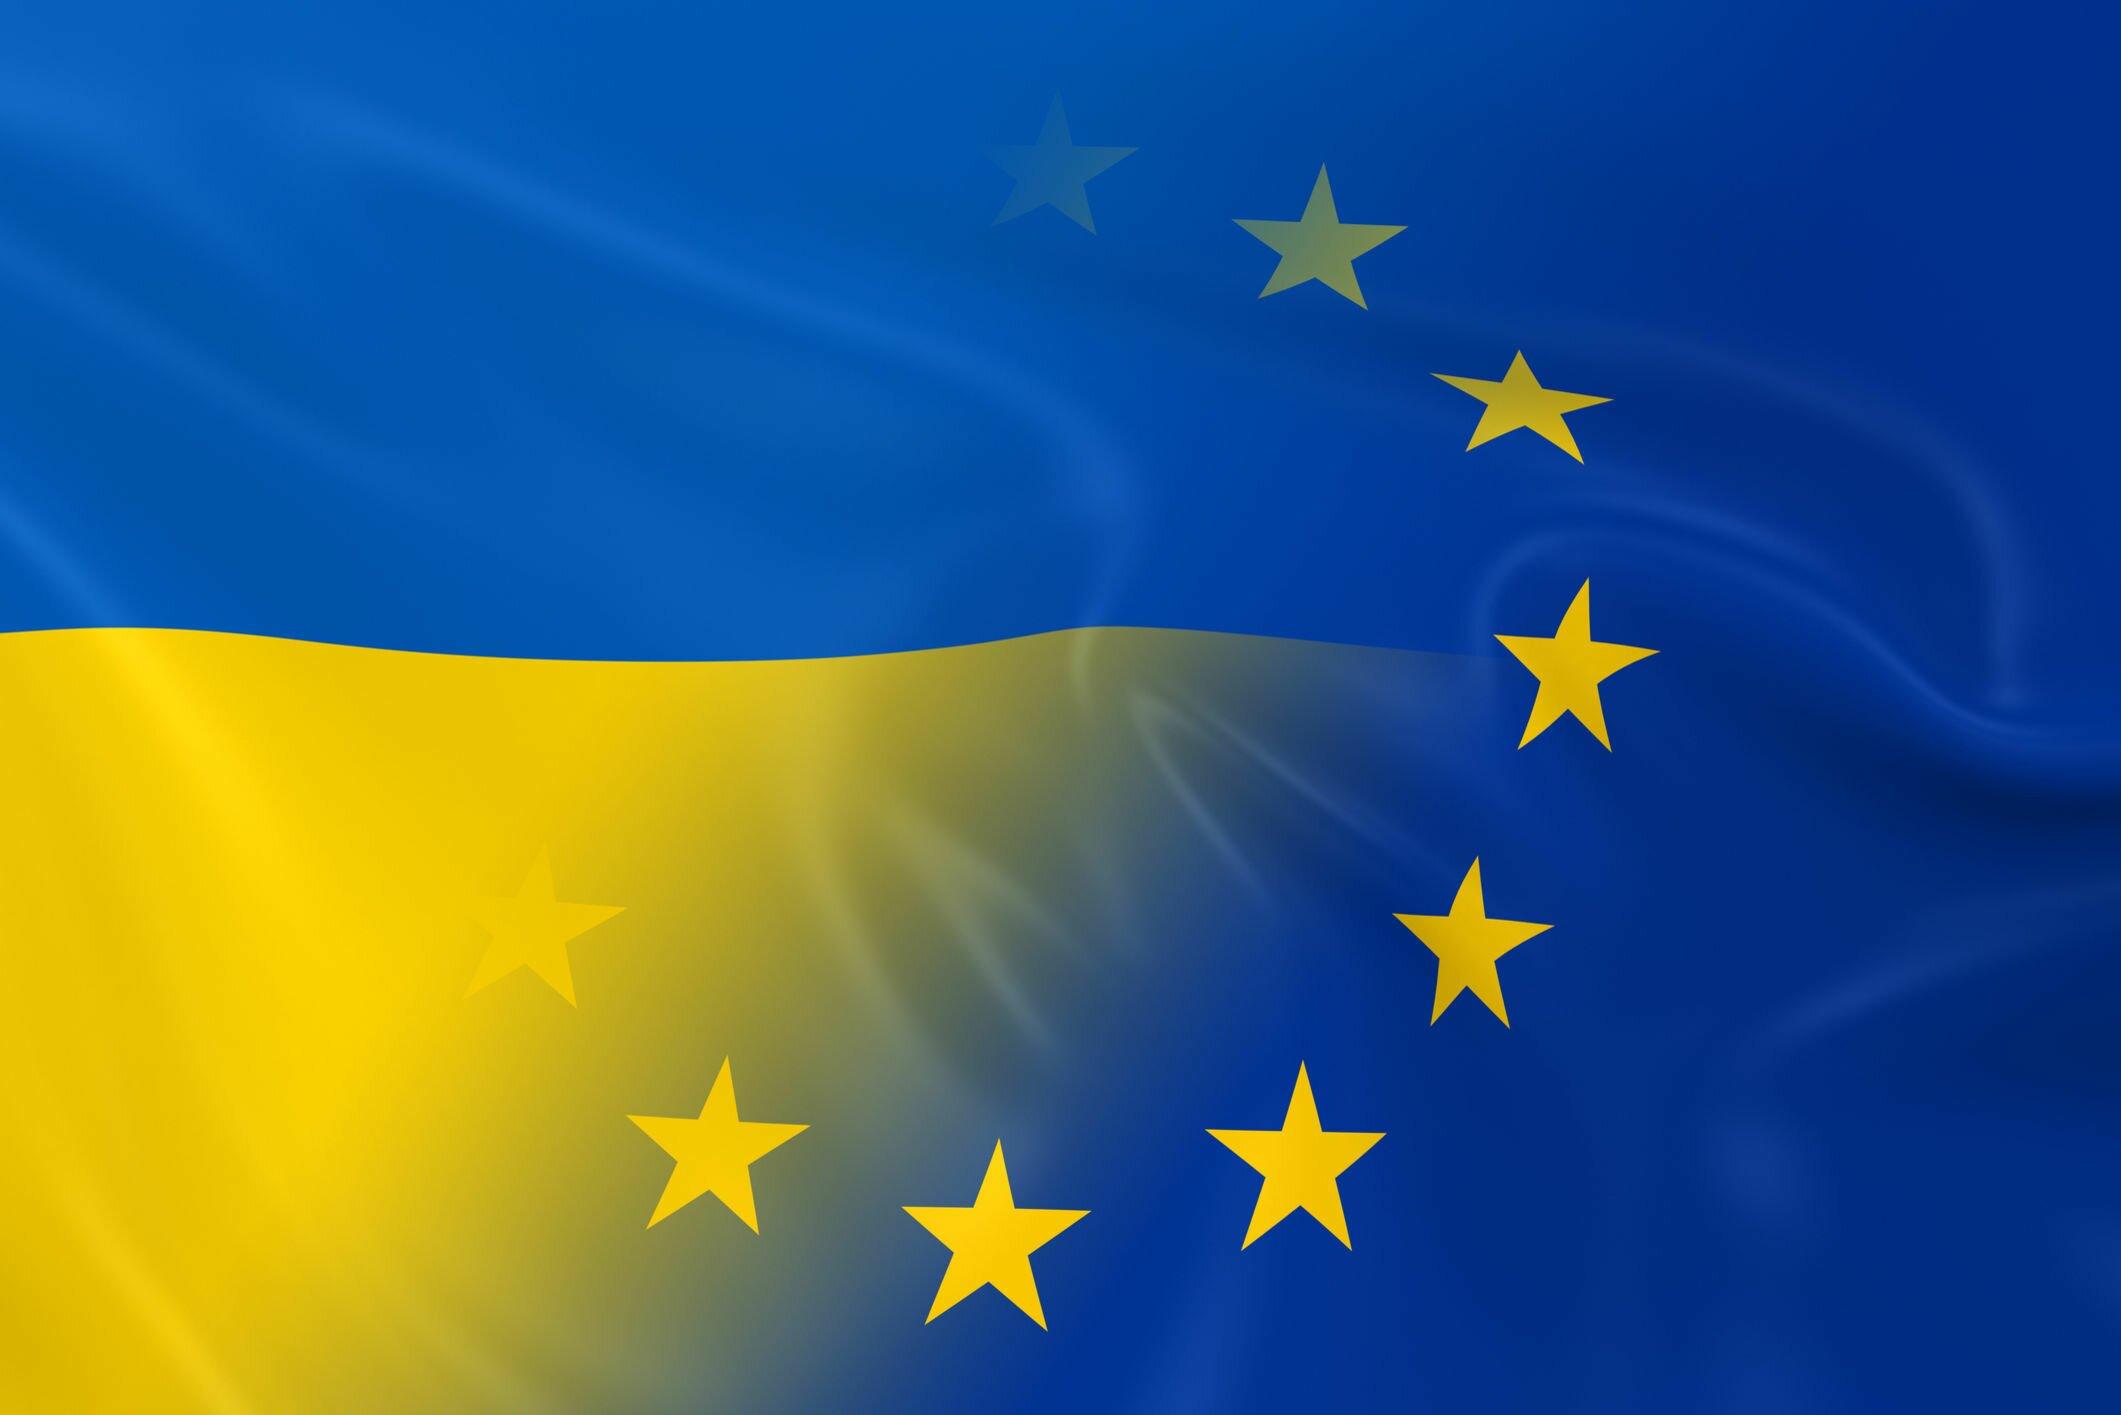 """Посли ЄС підтримали розширення санкцій за """"вибори"""" в Криму – ЗМІ"""